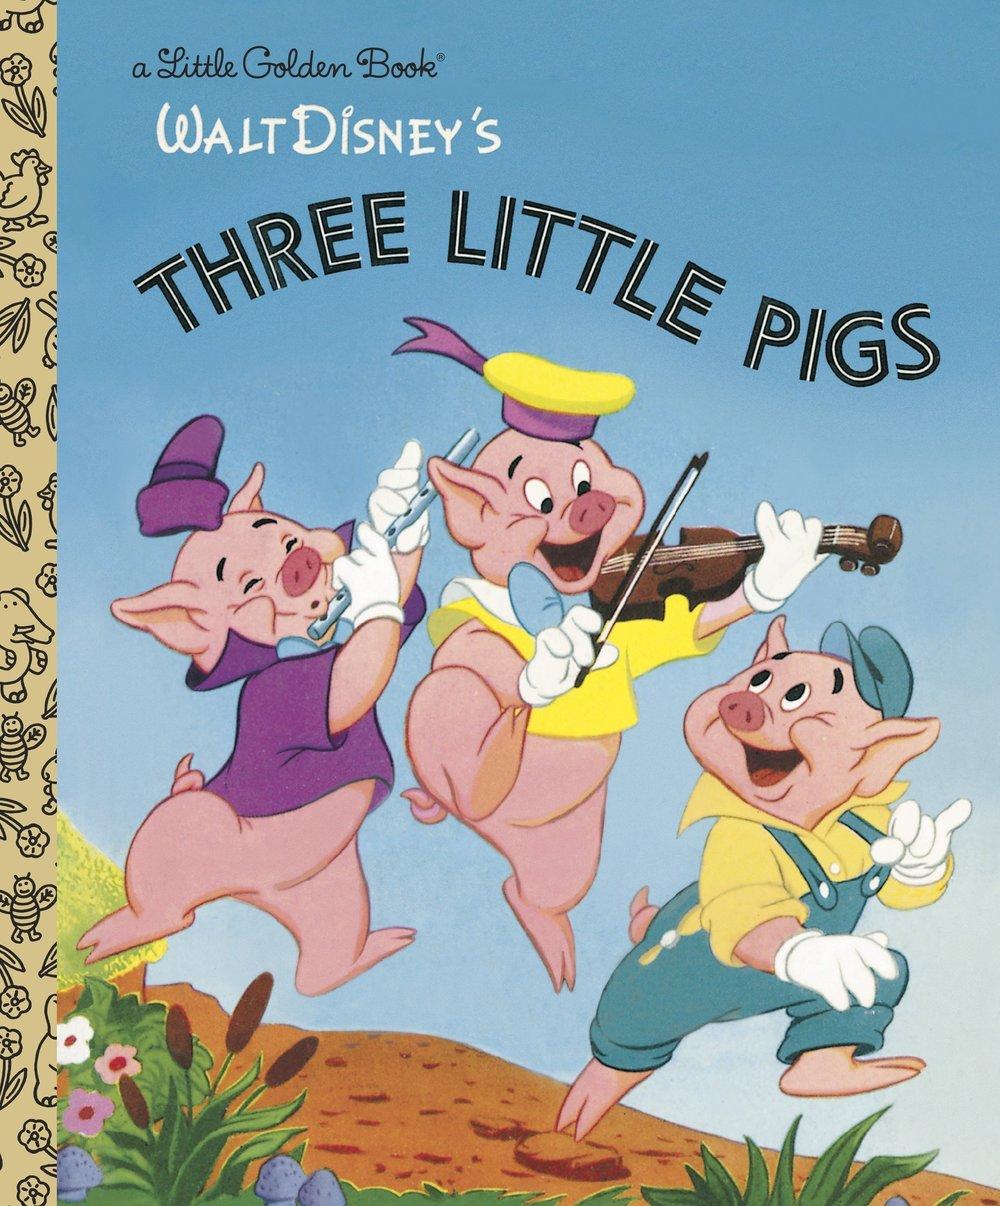 Golden Book: Three Little Pigs